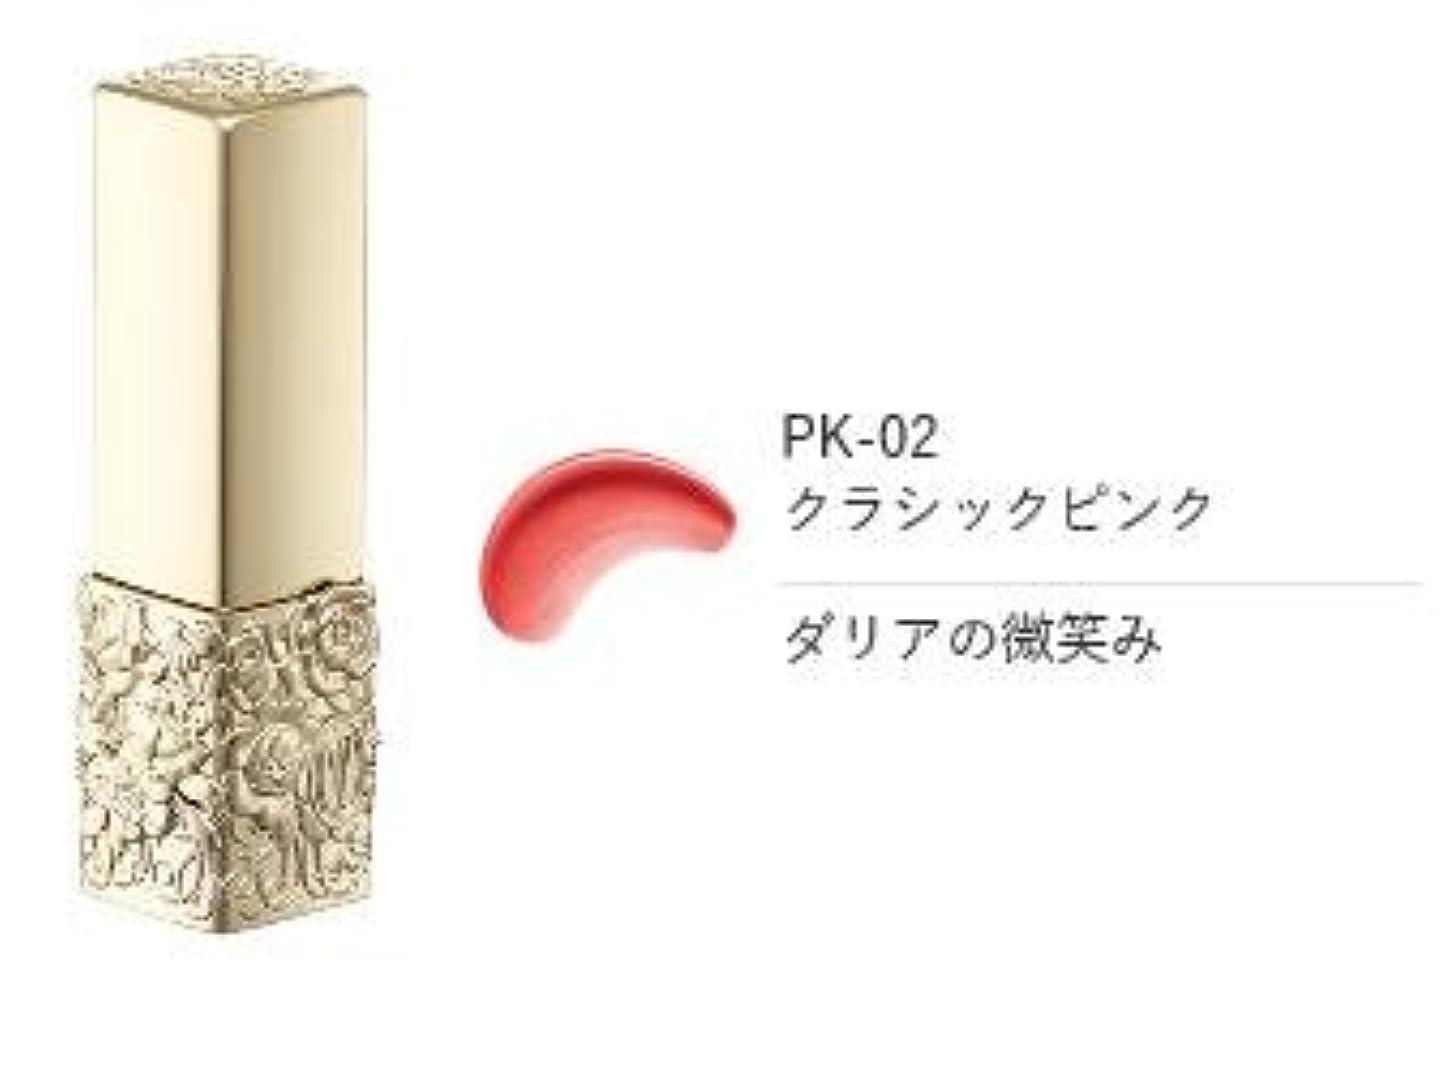 鹿気体の情緒的トワニー ララブーケルージュグロッシー PK-02